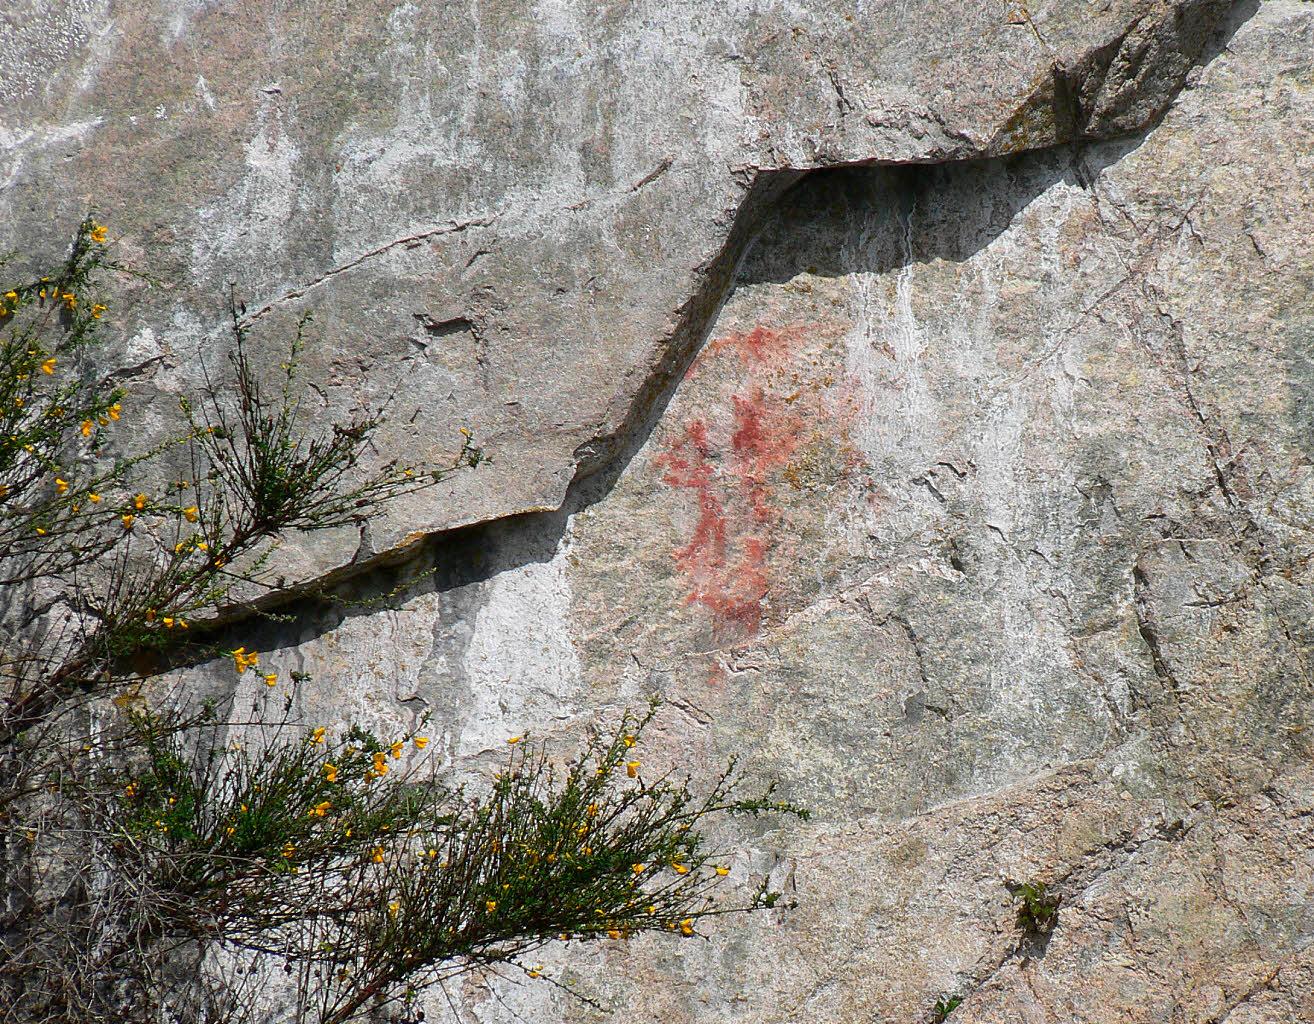 https://0901.nccdn.net/4_2/000/000/03f/ac7/Petroglyphs1-1314x1024.jpg